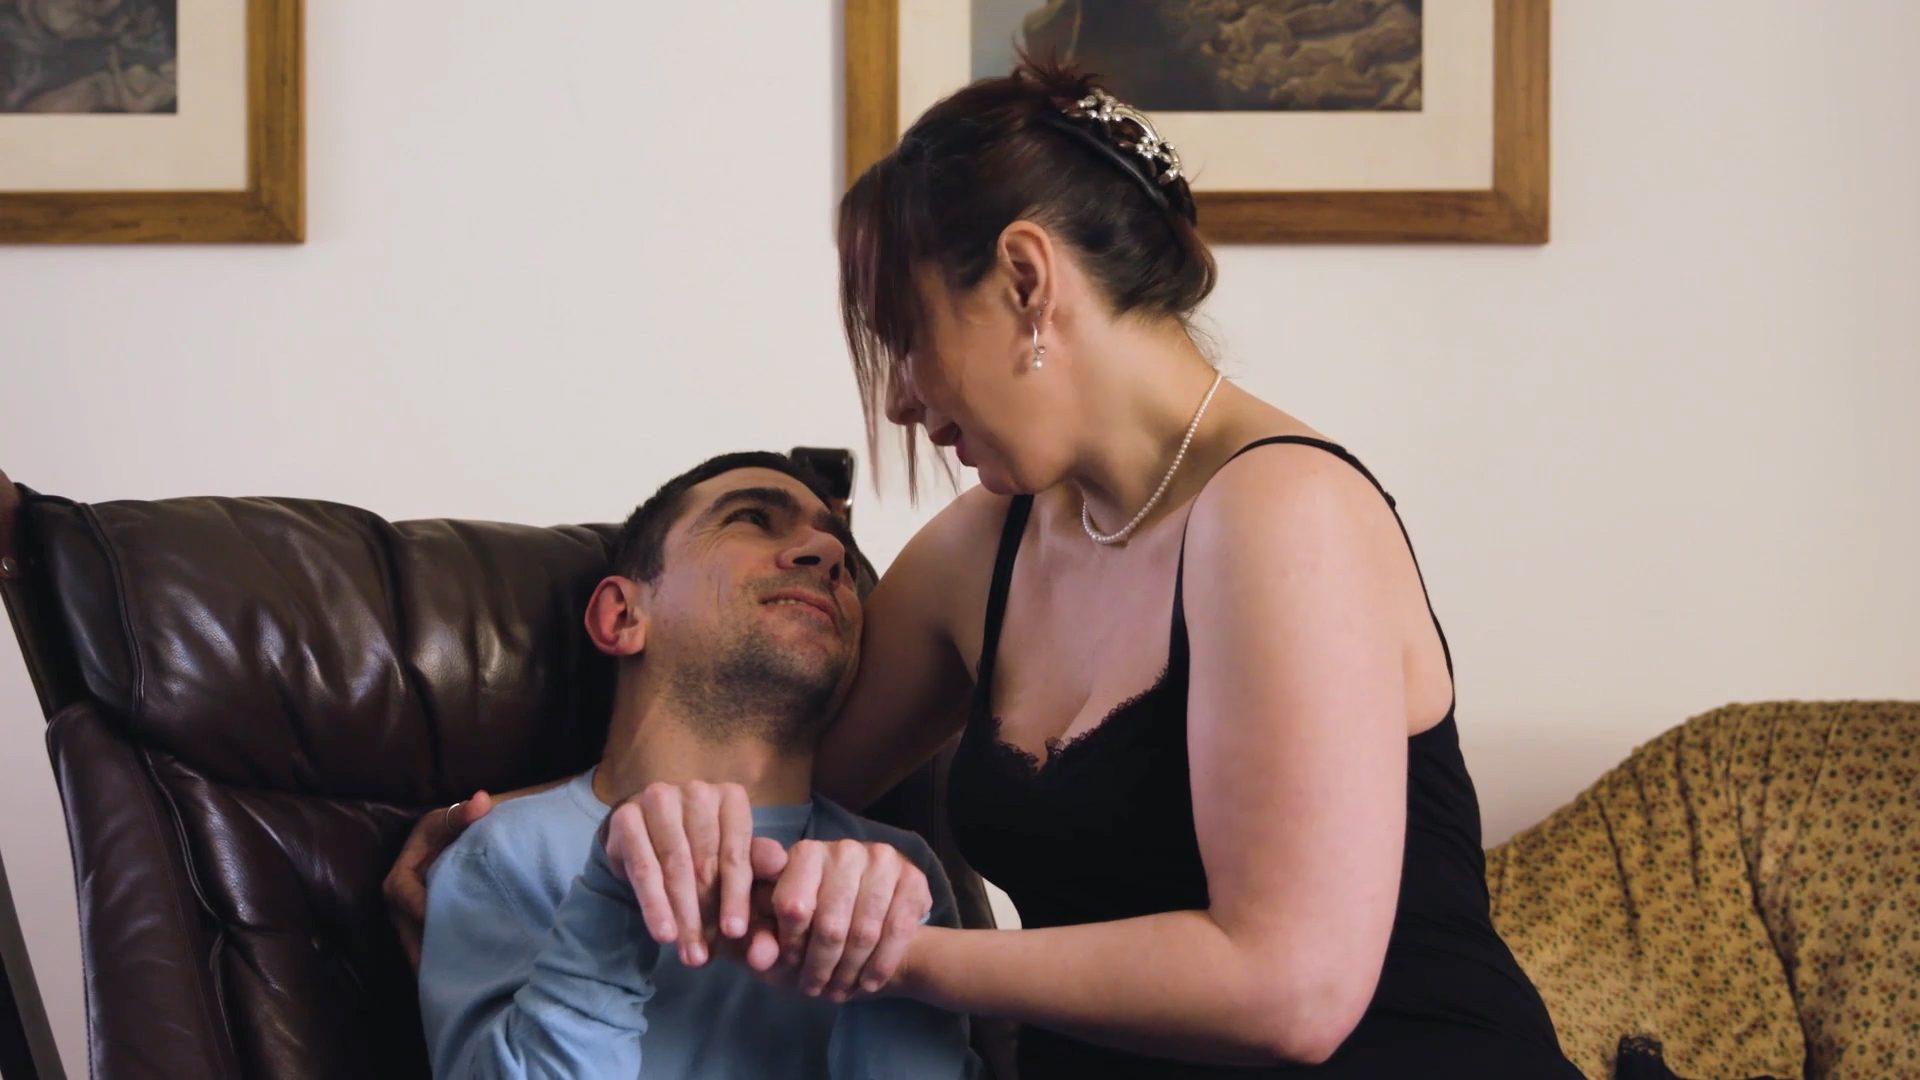 prima volta sesso dopo dating Isola di servizi di incontri uomo